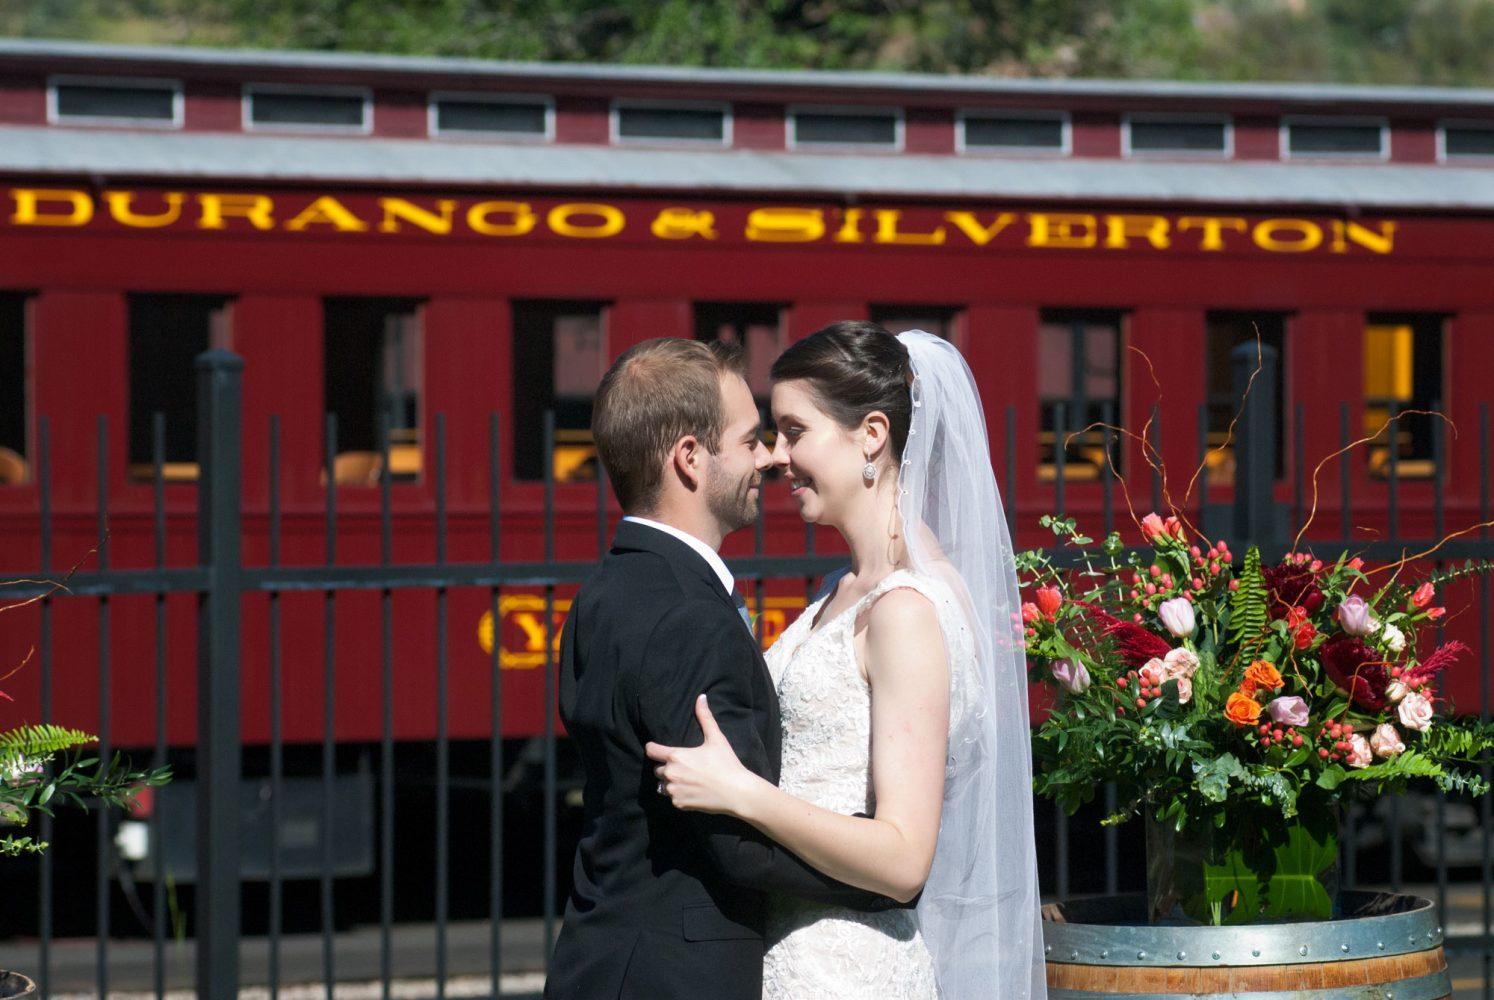 Happy bride + groom in front of the Durango & Silverton railroad car, Durango, Colorado